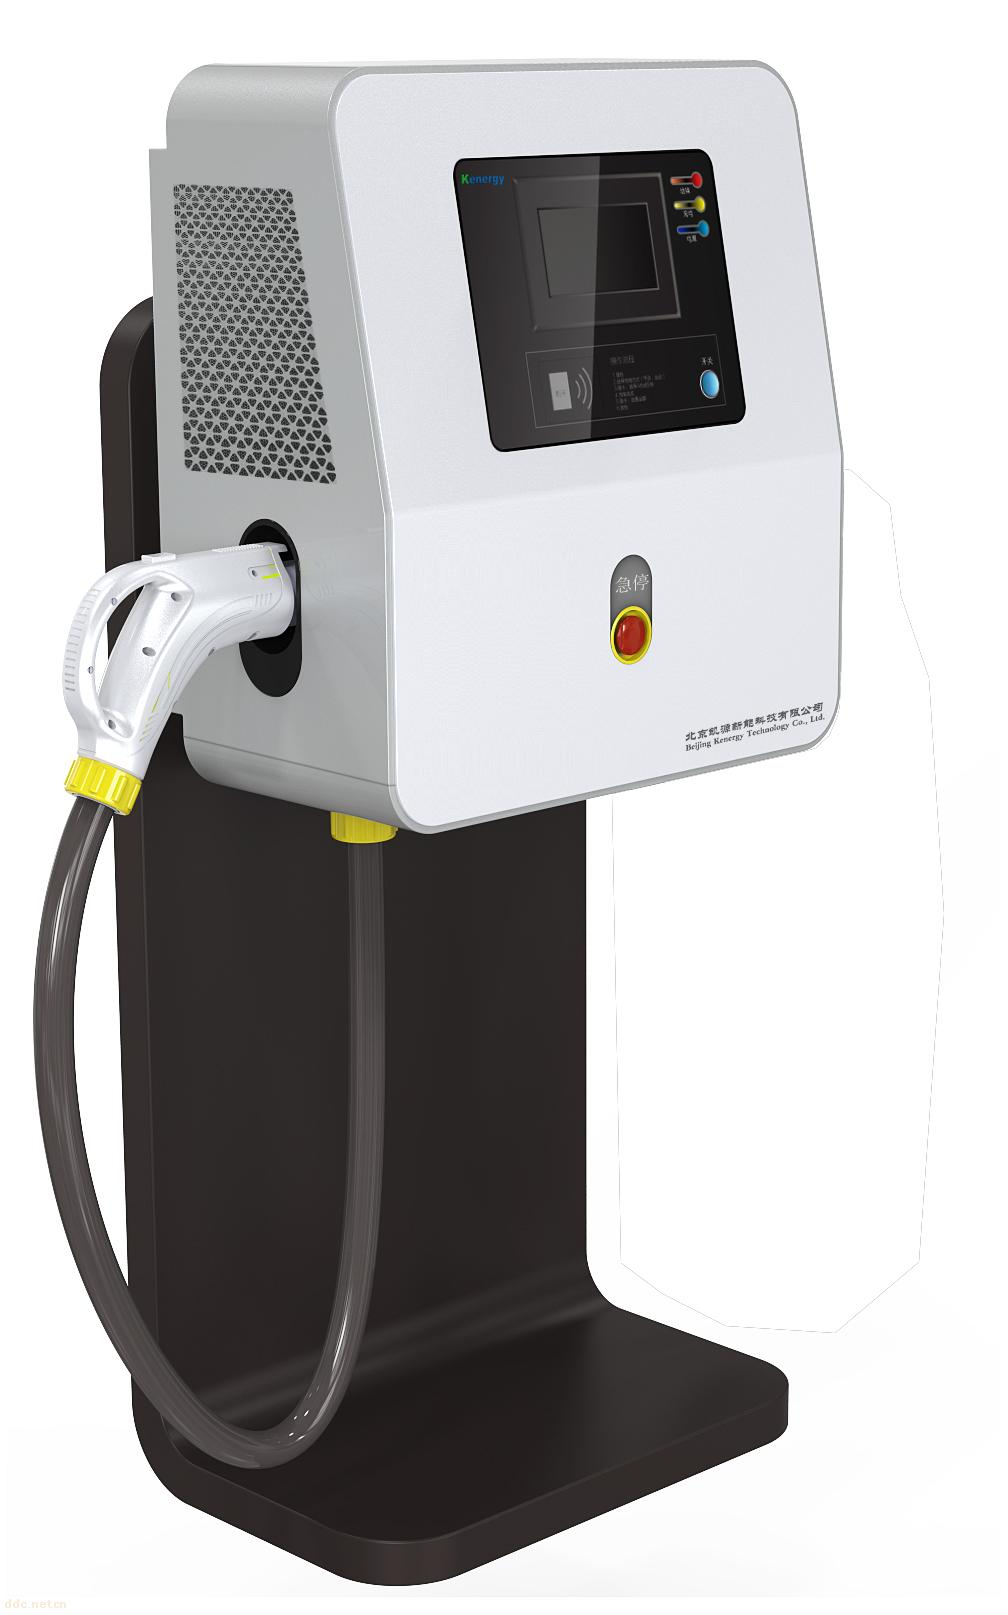 智能充电桩为电动汽车充电的辅助设备,提供充电接口、人机接口等功能,对电动汽车的充电进行控制。充电桩由嵌入式单片机经二次开发后作为主控制器,包括IC卡管理、充电接口管理、凭据打印、联网监控等功能,是充电操作人员进行操作的人机界面。包括30KW---120KW等几种规格,分交流充电桩,直流充电桩两种。